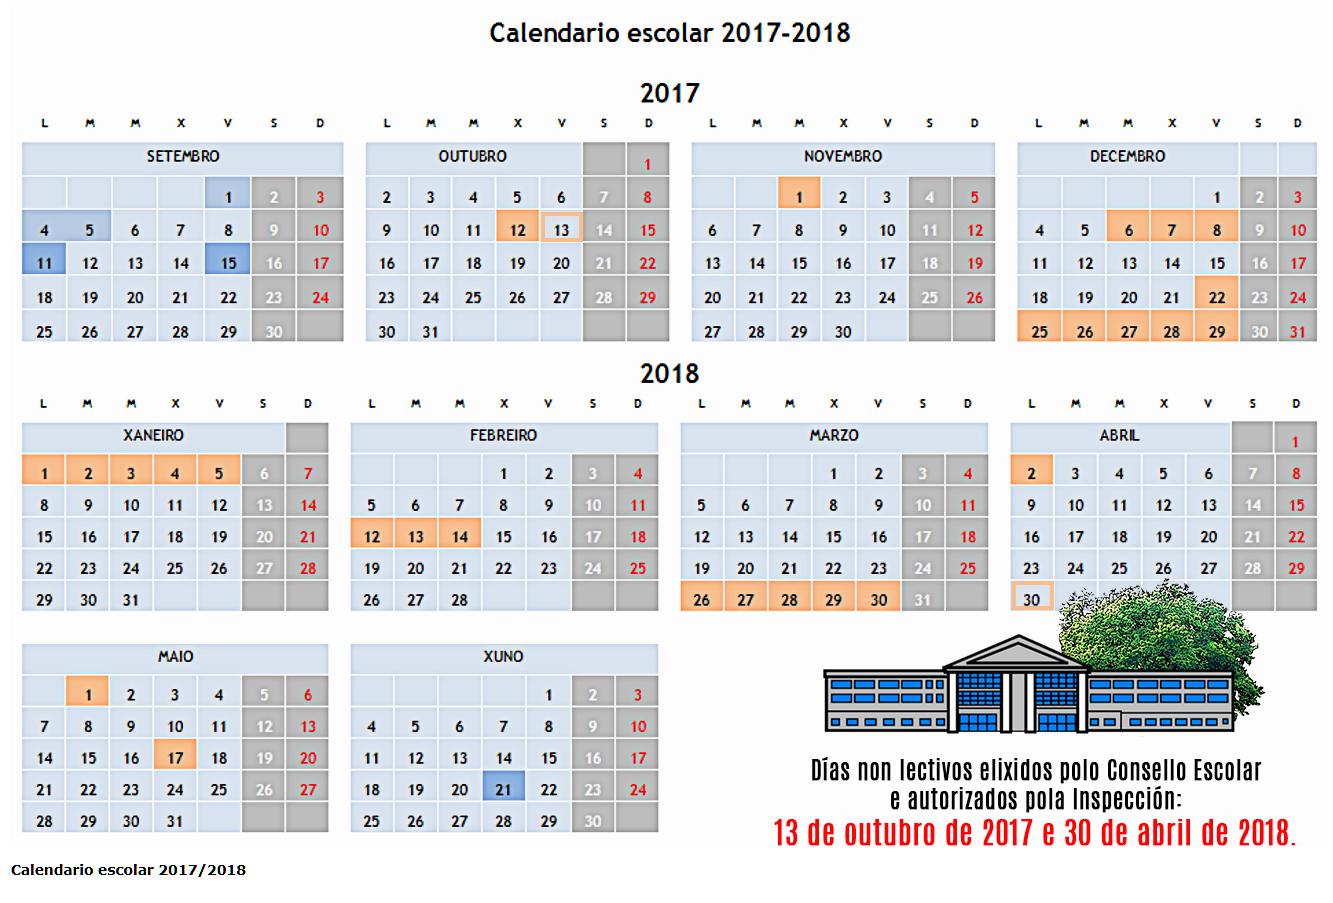 calenadrio-escolar-17-18.jpg